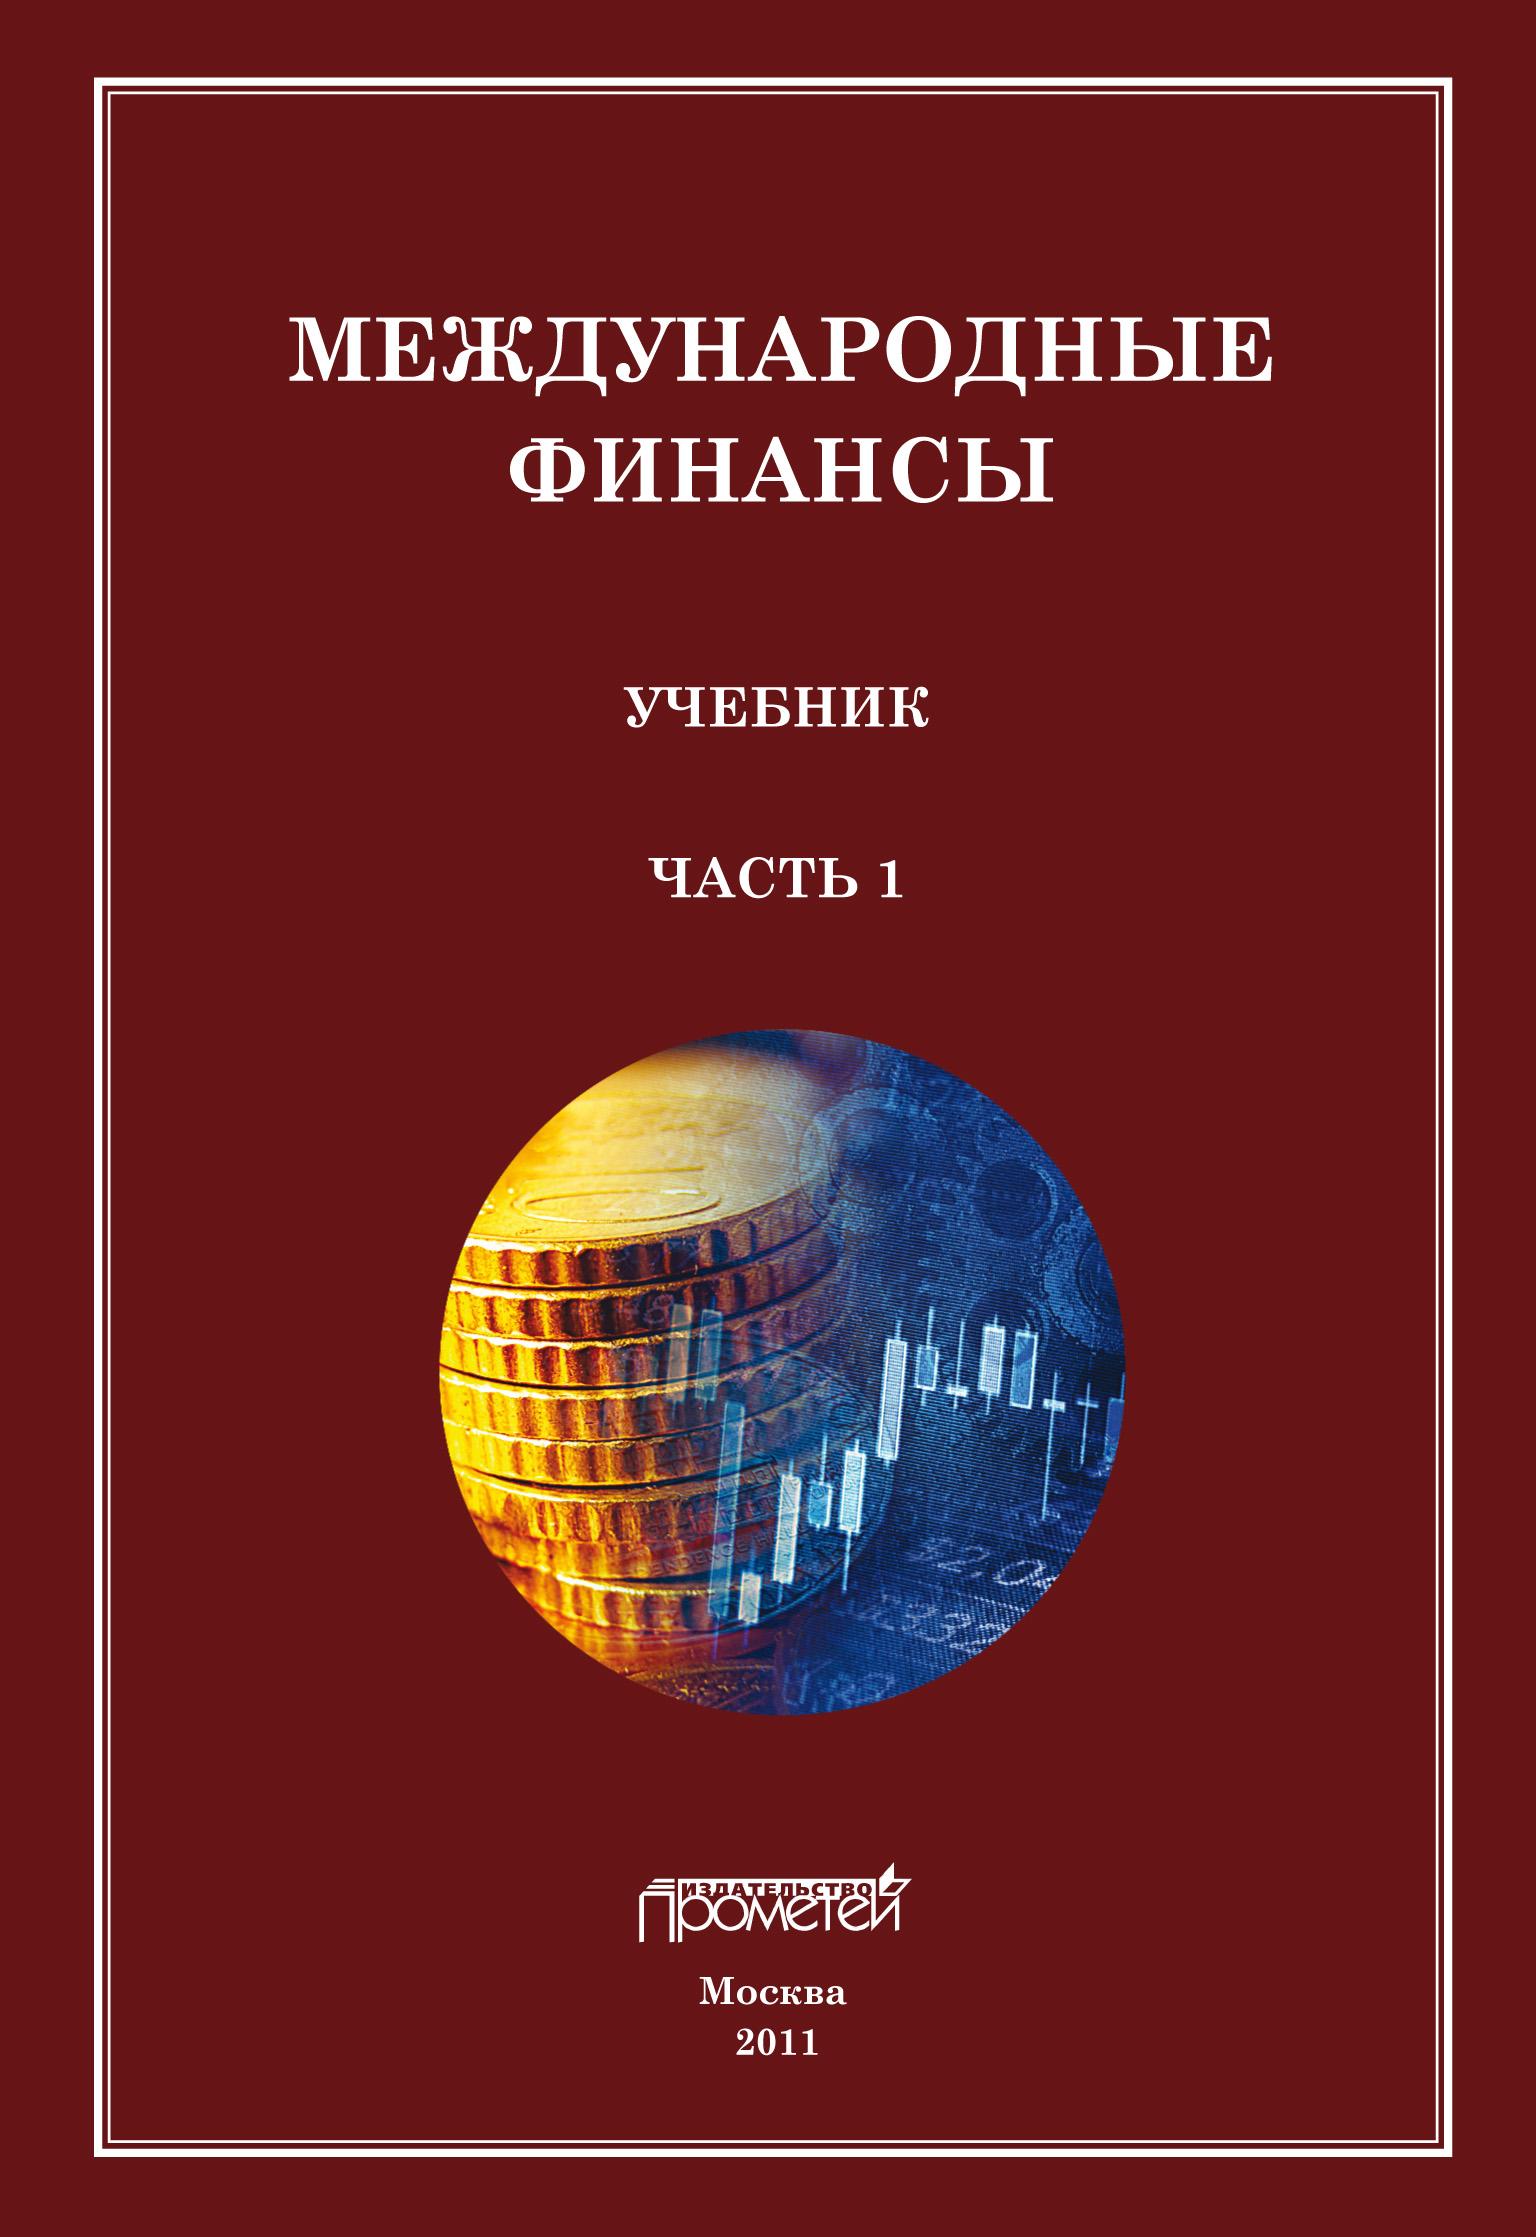 Отсутствует Международные финансы. Учебник. Часть 1 отсутствует международные финансы учебник часть 1